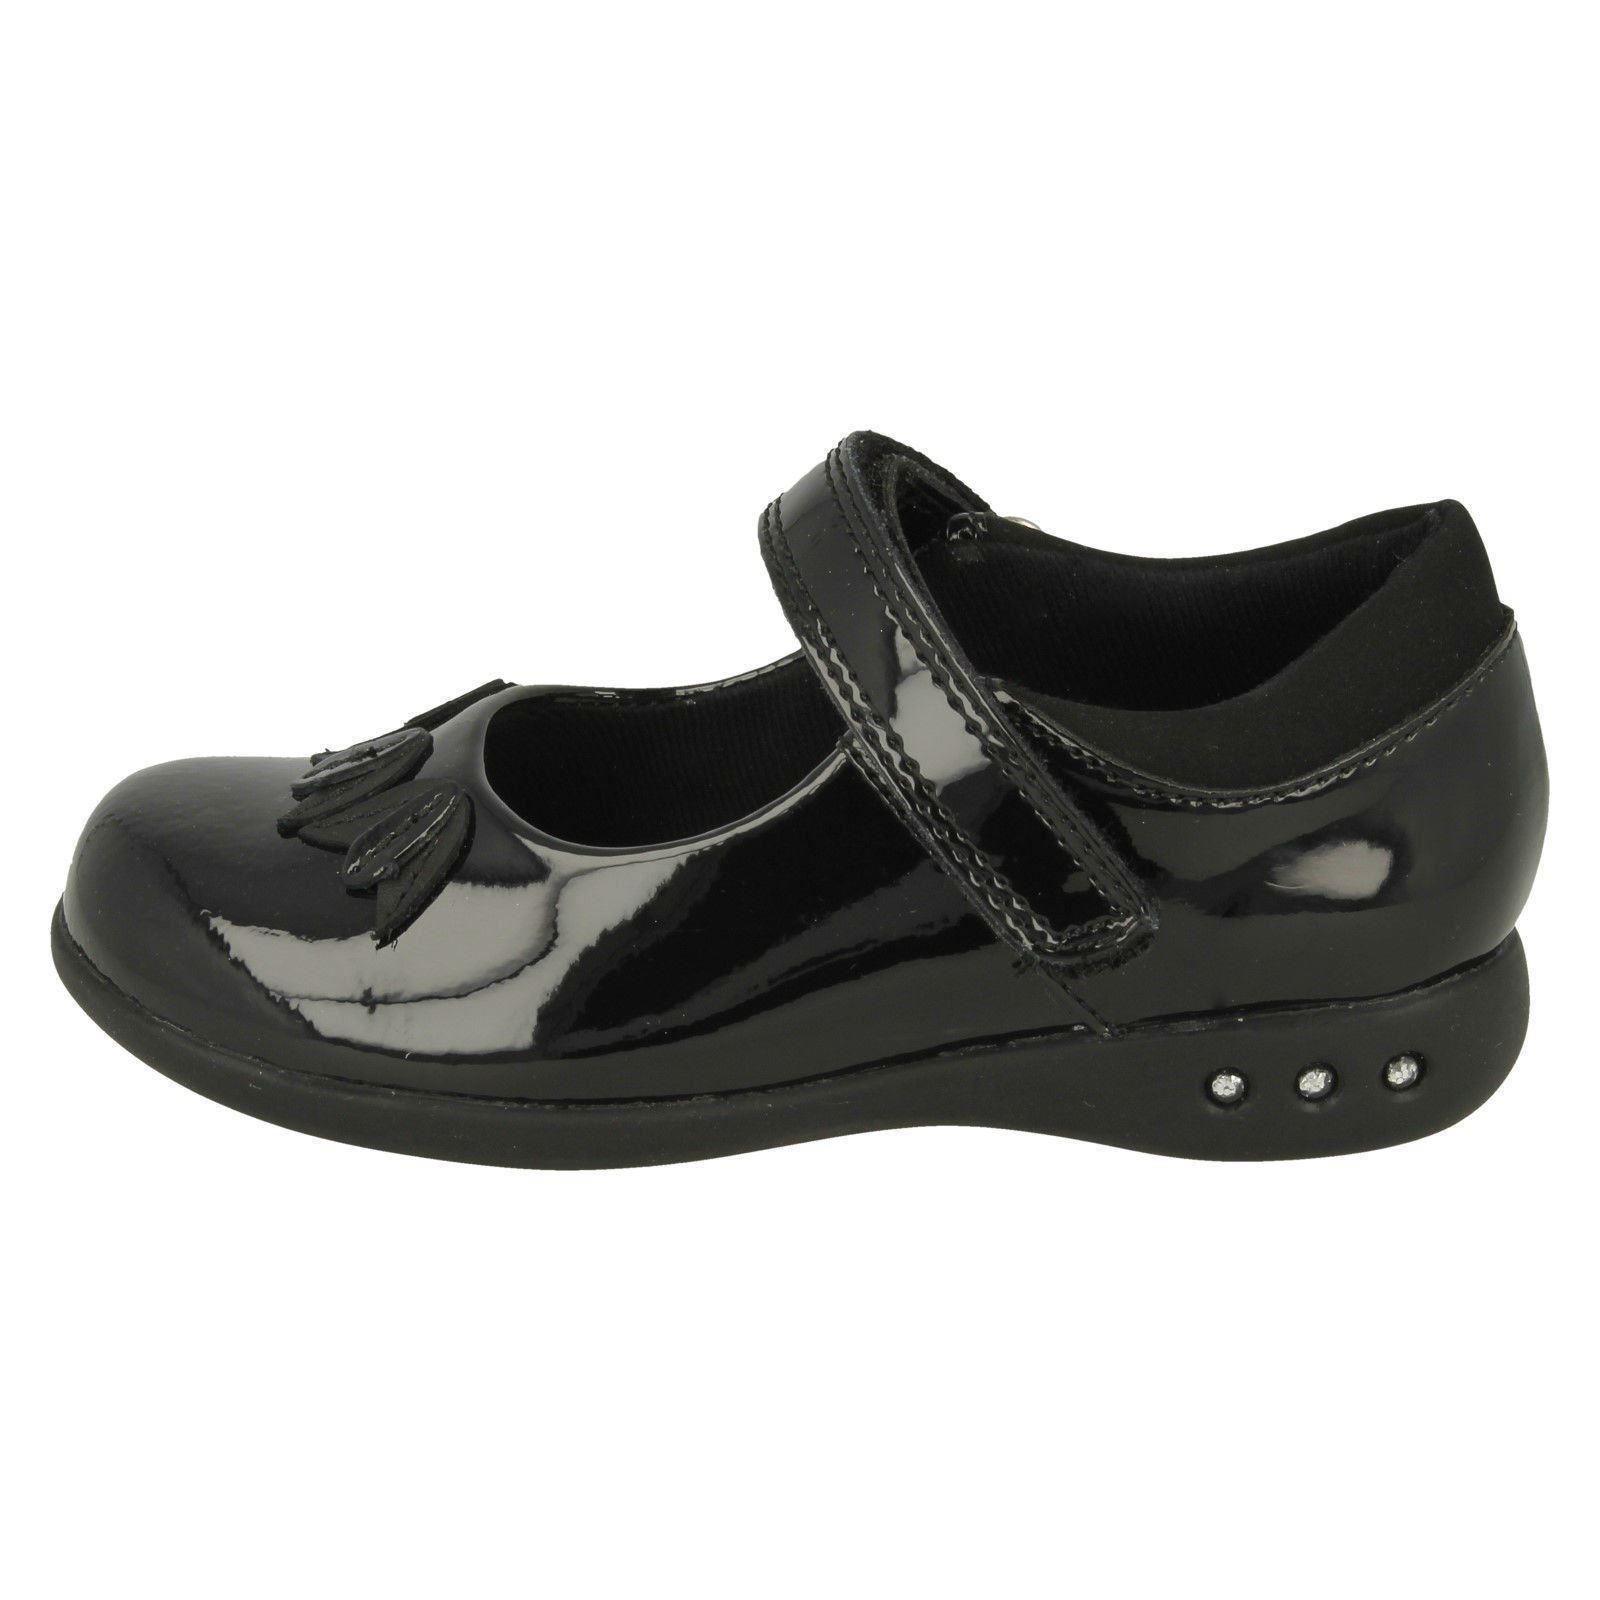 Kleidung & Accessoires Clarks Girls School Shoes Prime Step Schuhe Für Mädchen